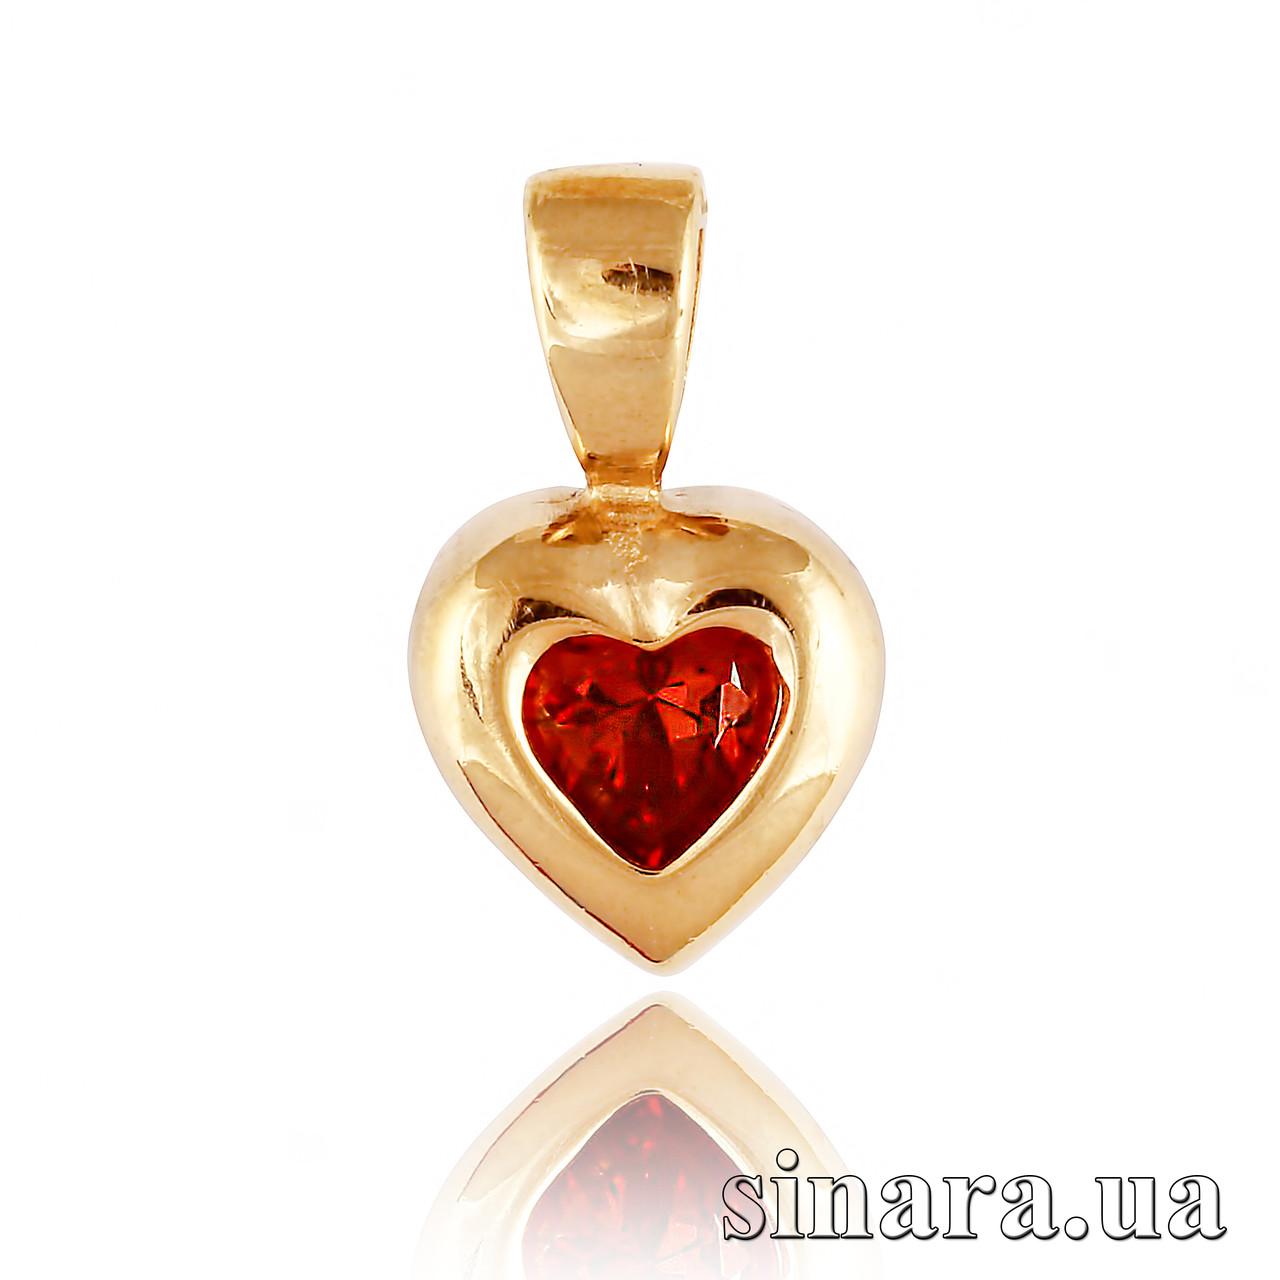 79b0c763e692 Золотая подвеска Сердце с красным камнем - SINARA.UA - Ювелирный Дом в Киеве